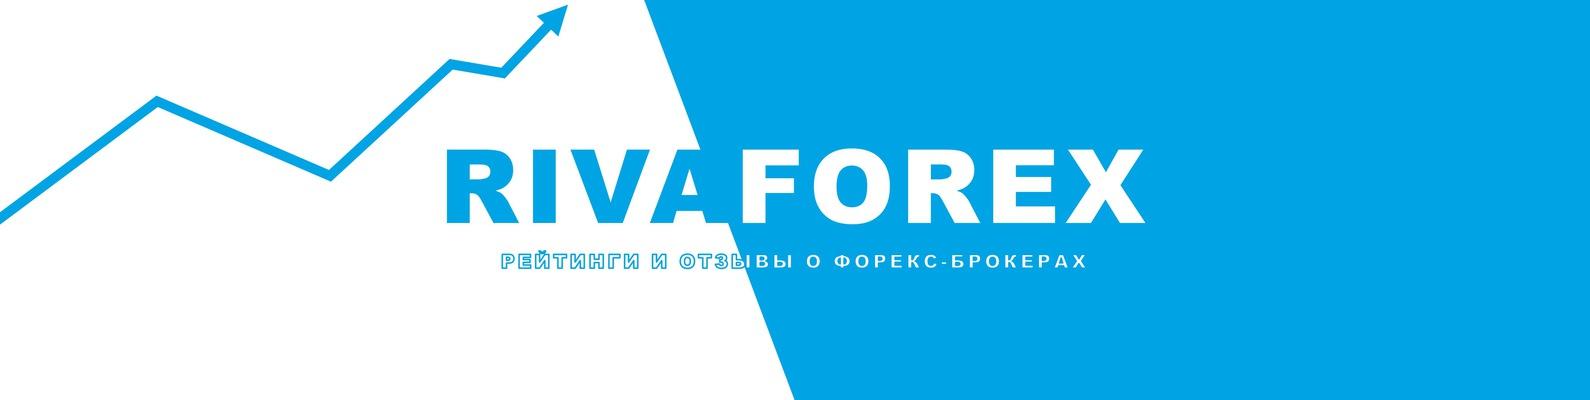 отзывы о форекс брокерах форум